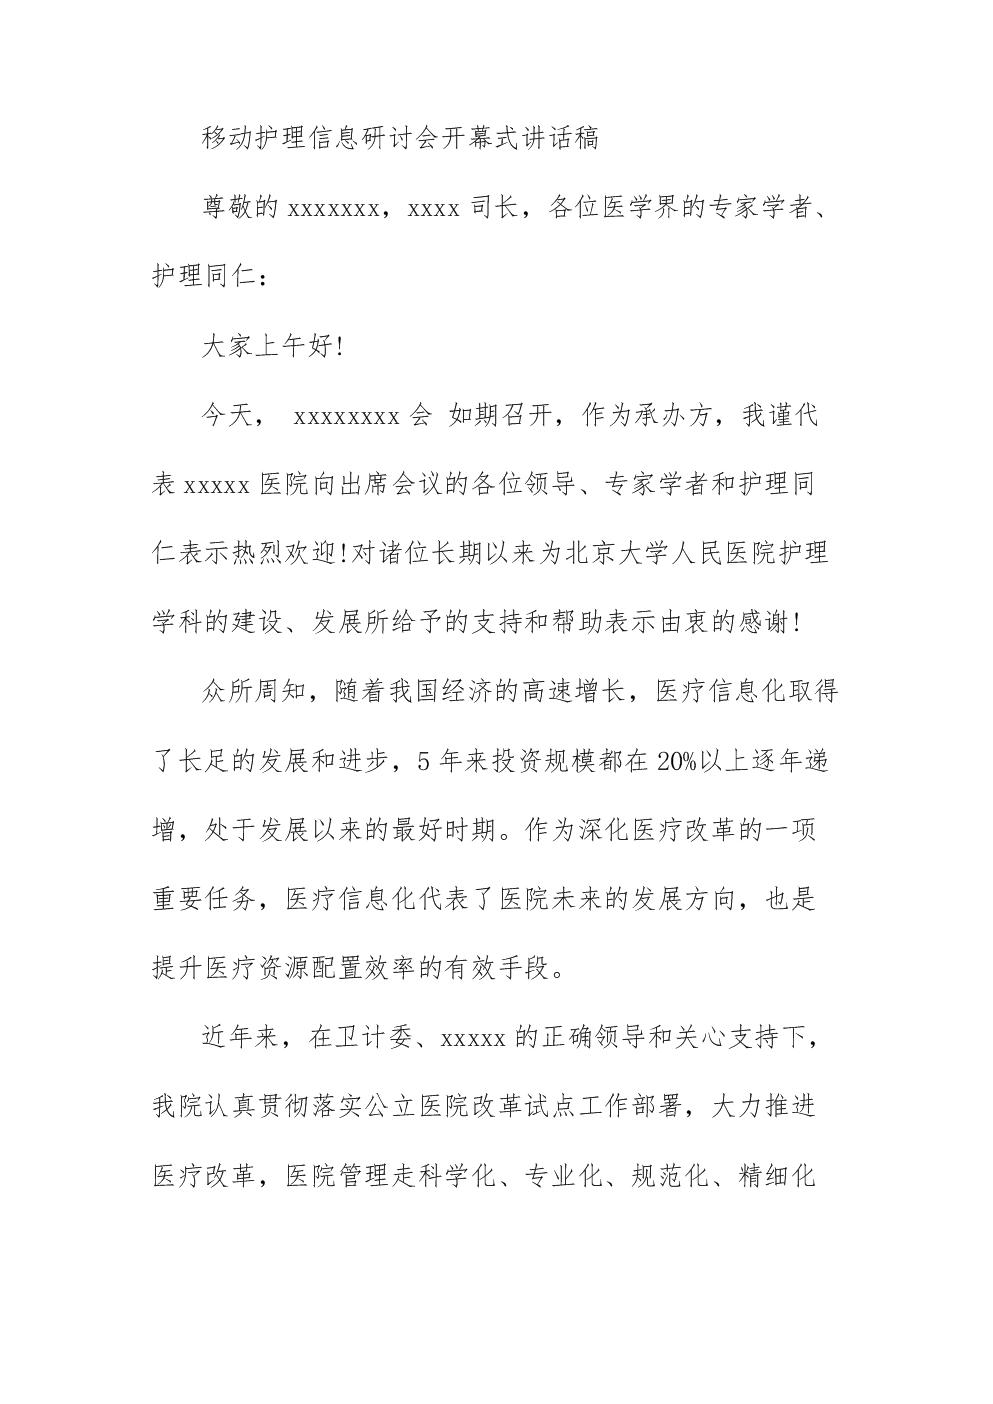 移动护理信息研讨会开幕式讲话稿.doc